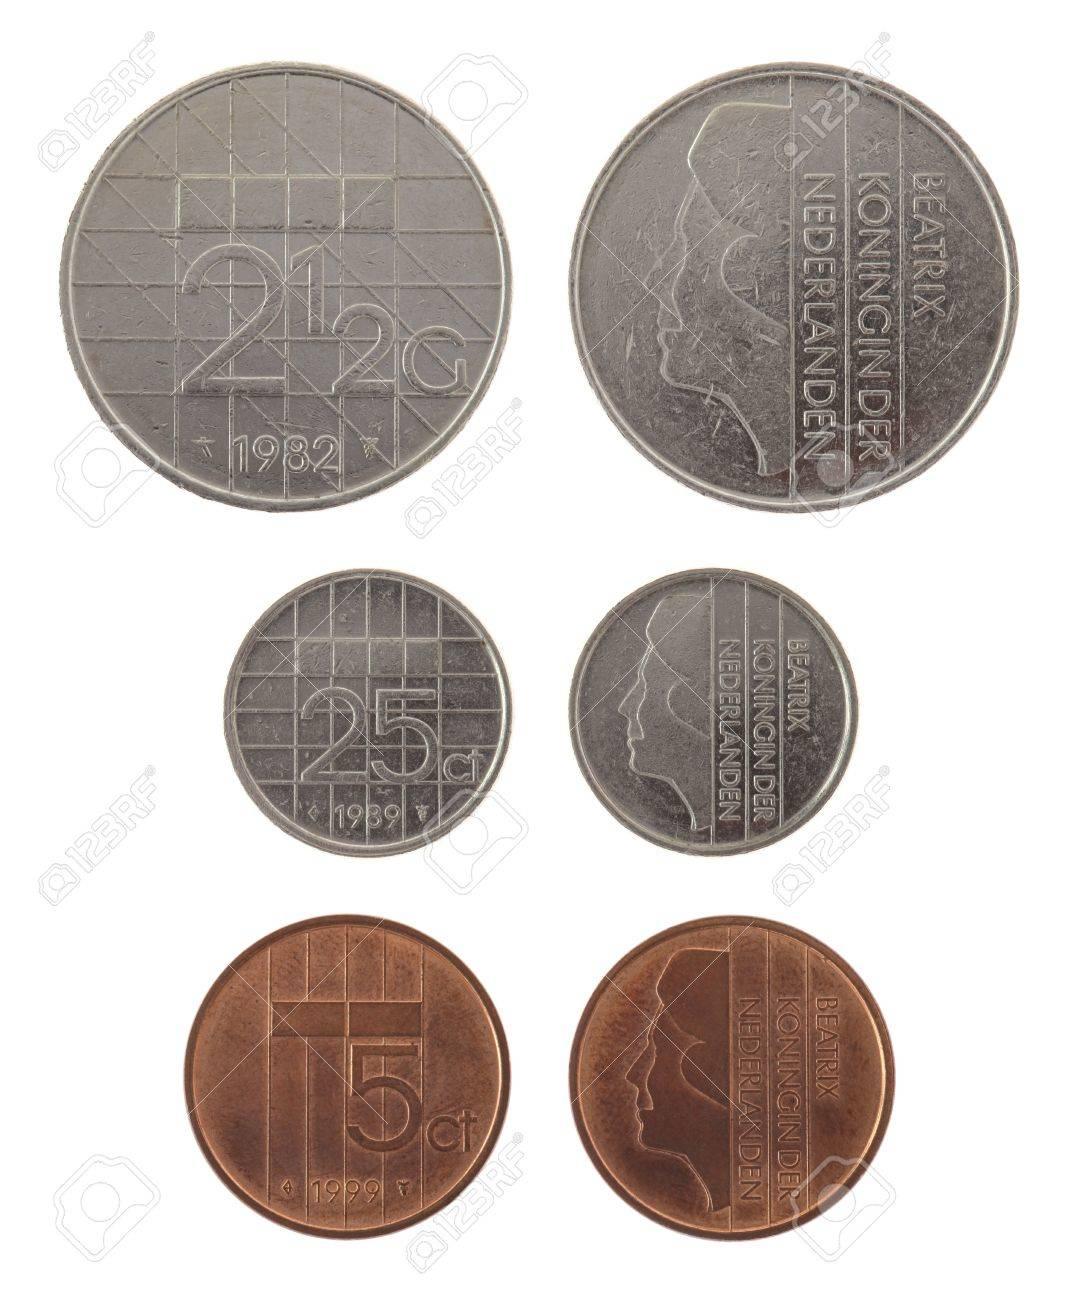 Old Dutch Gulden Münzen Darstellen Königin Beatrix Der Niederlande